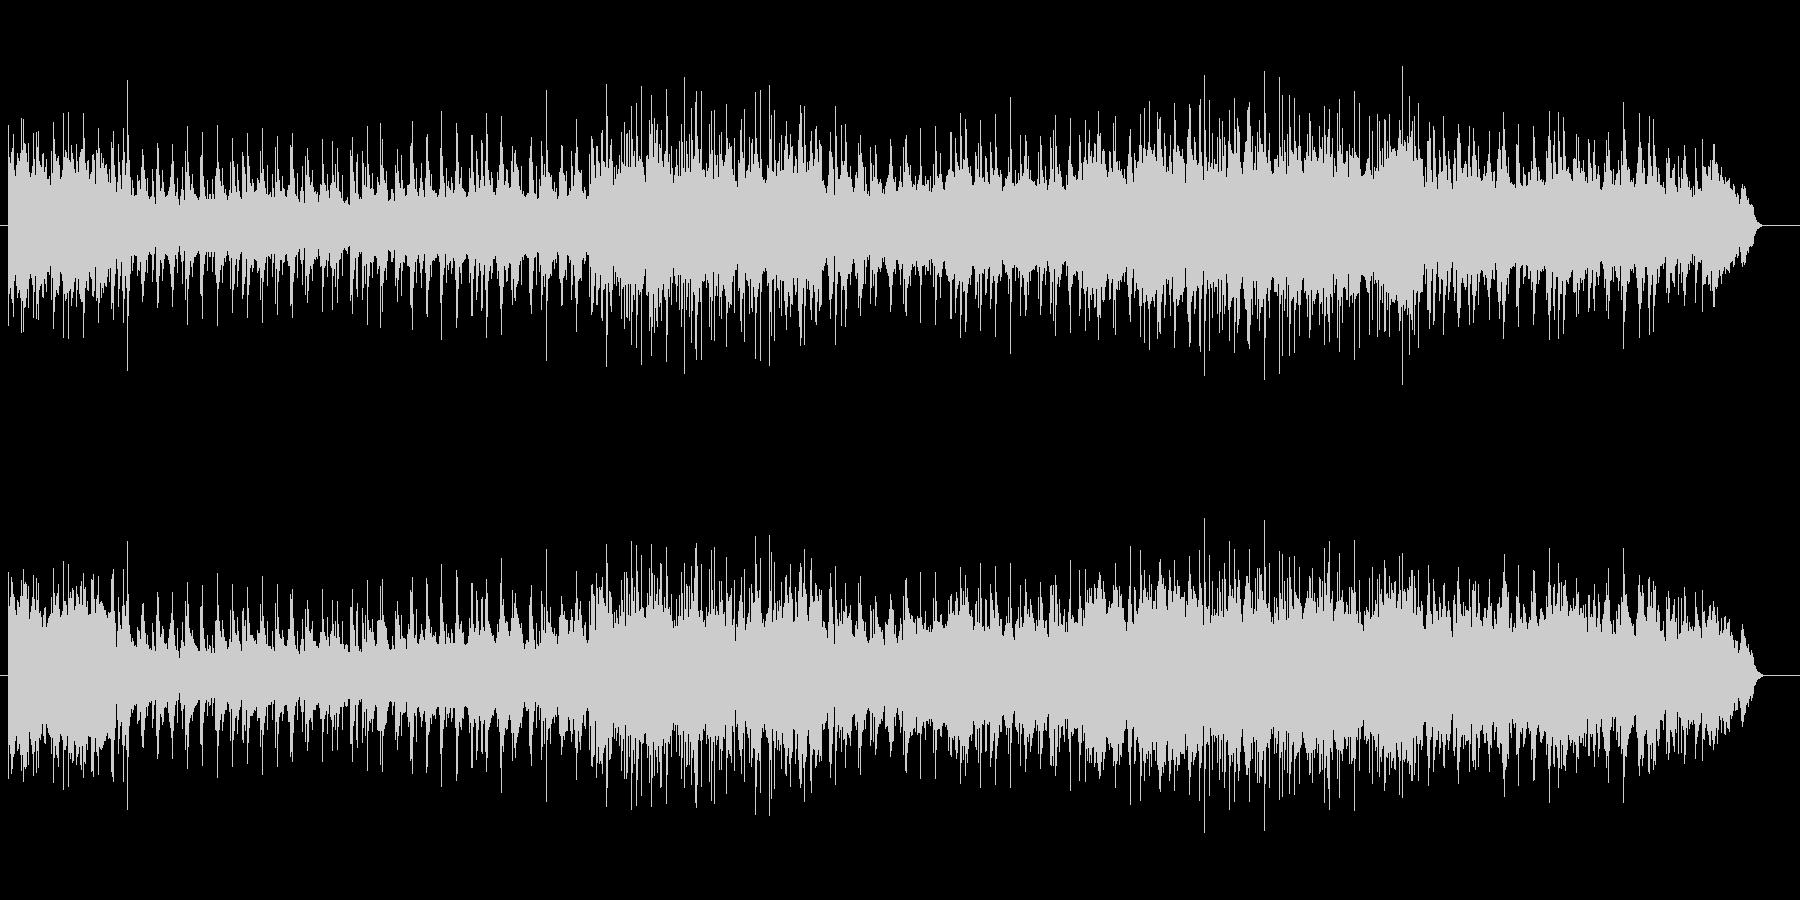 白銀のヨーロピアンポップス(映画音楽風)の未再生の波形